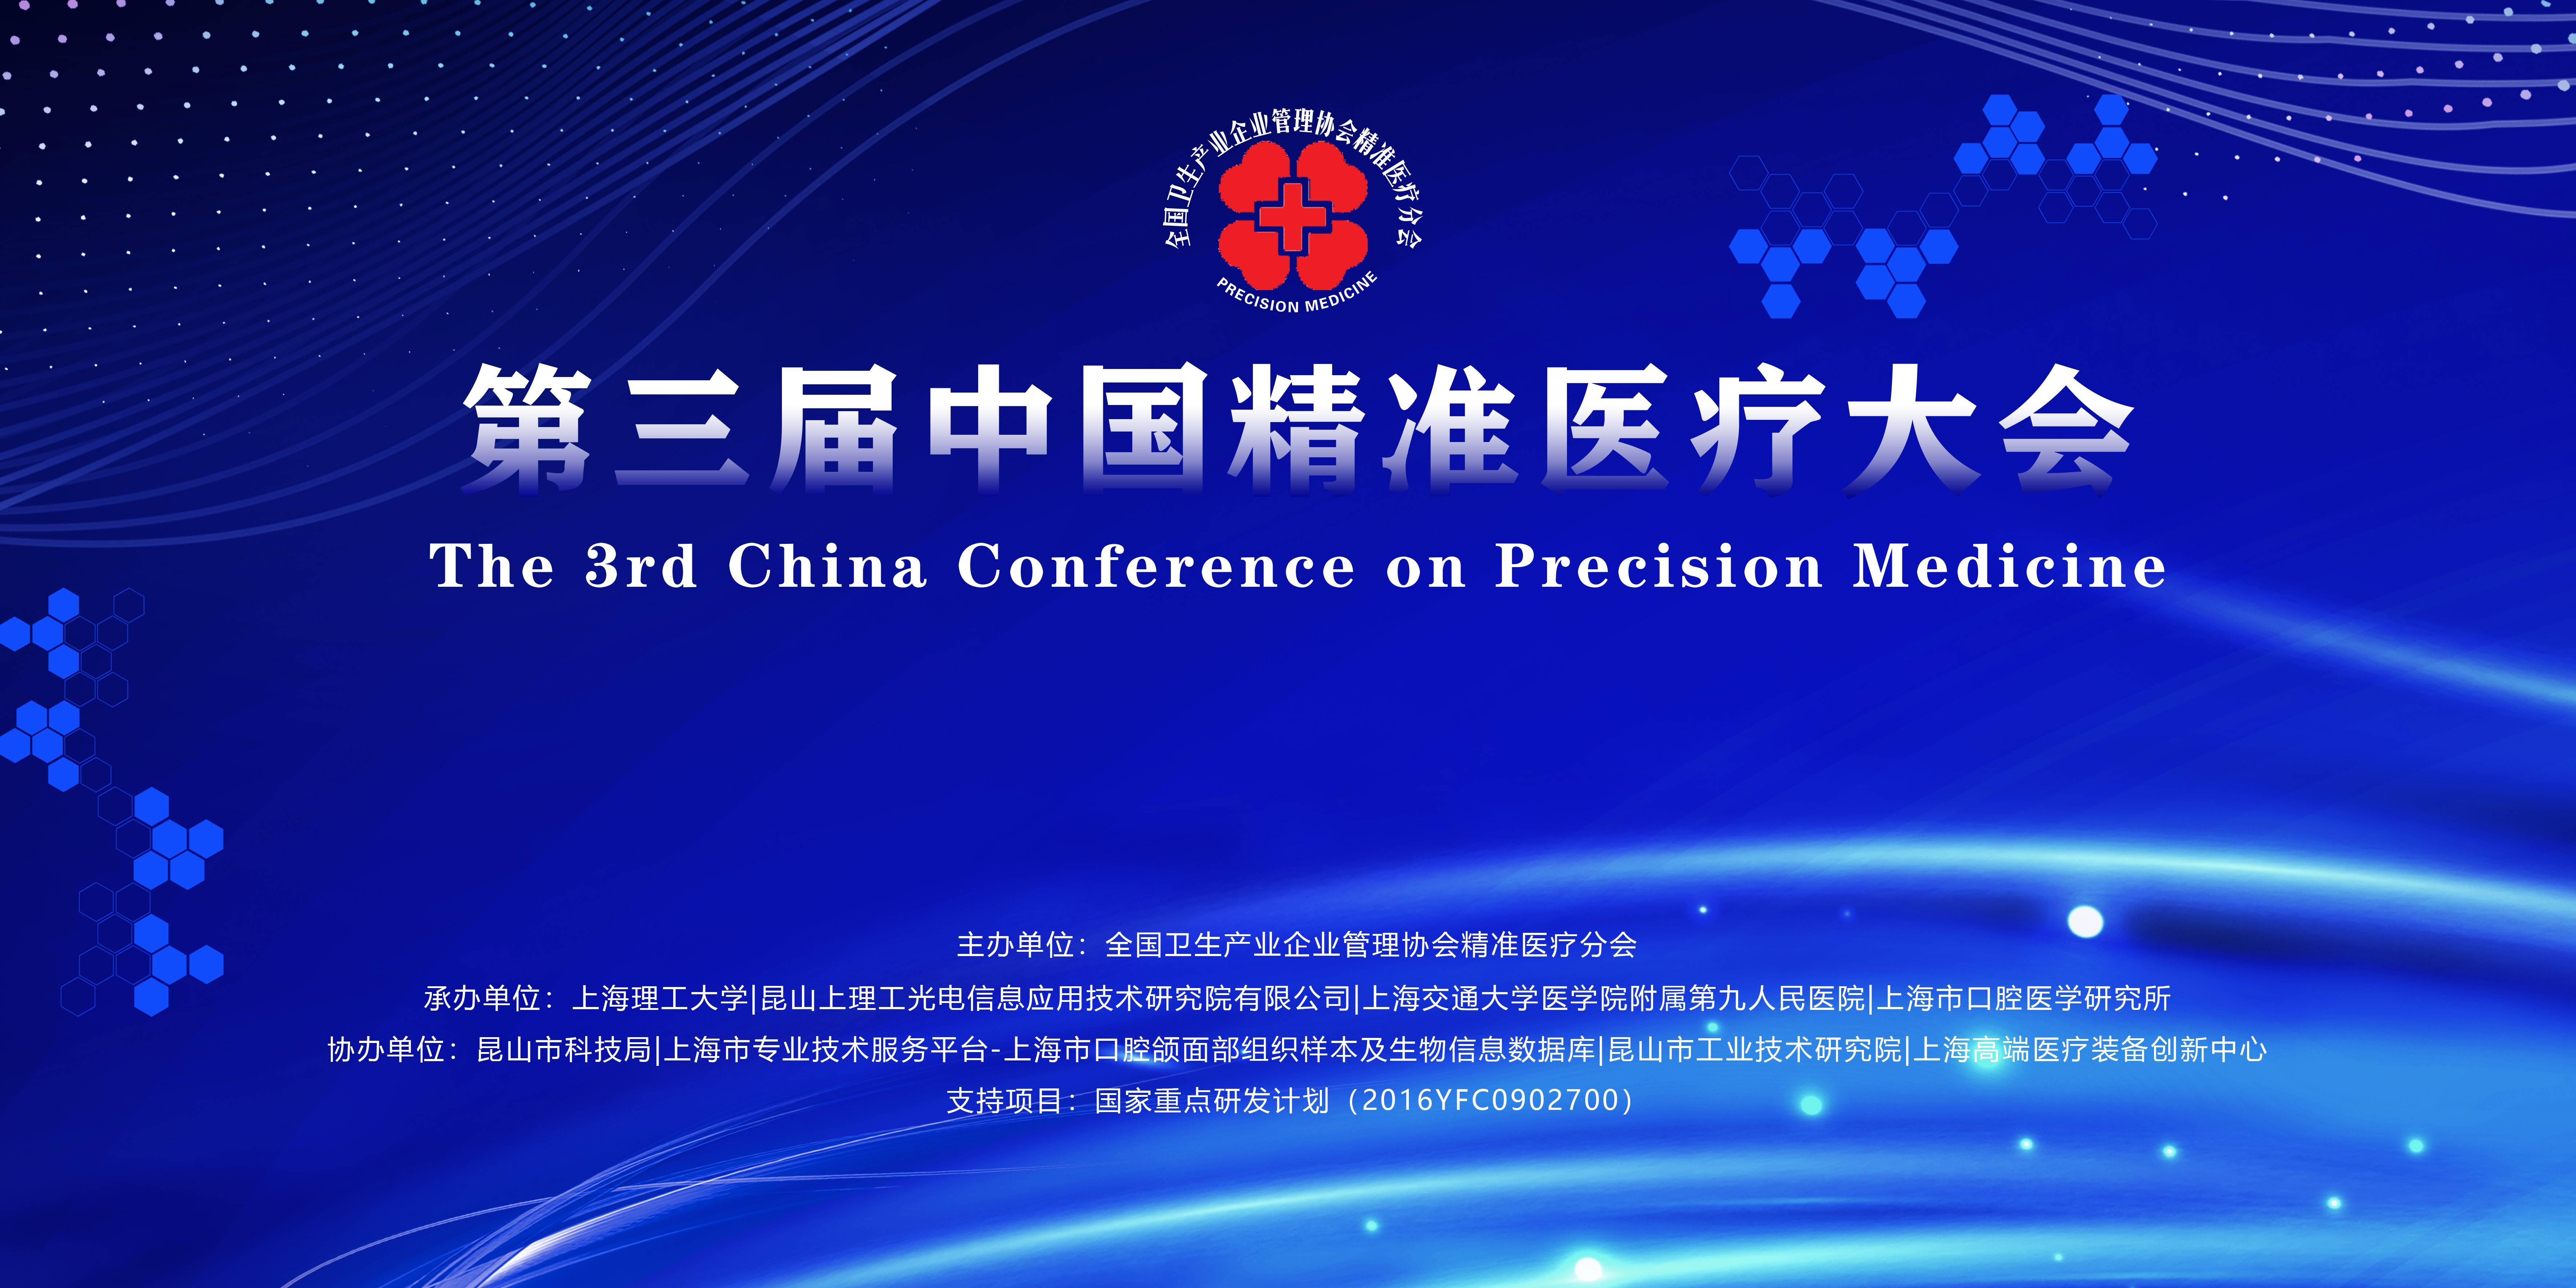 第三届中国精准医疗大会80+主题/专题报告开讲在即